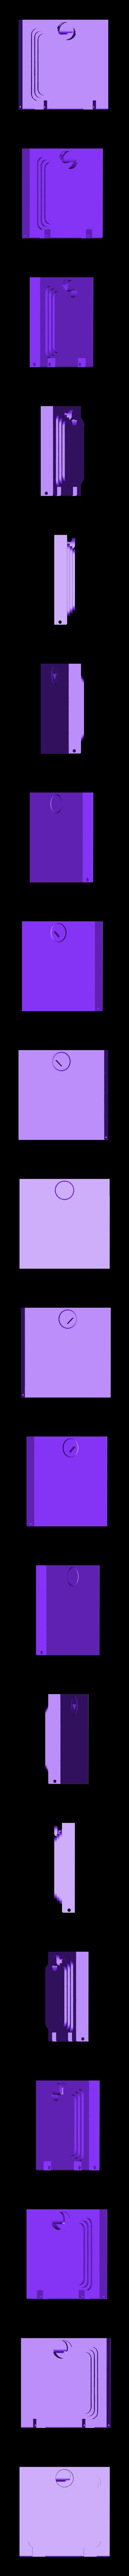 lid.stl Télécharger fichier STL gratuit Mulholland Drive Box • Modèle à imprimer en 3D, SunShine